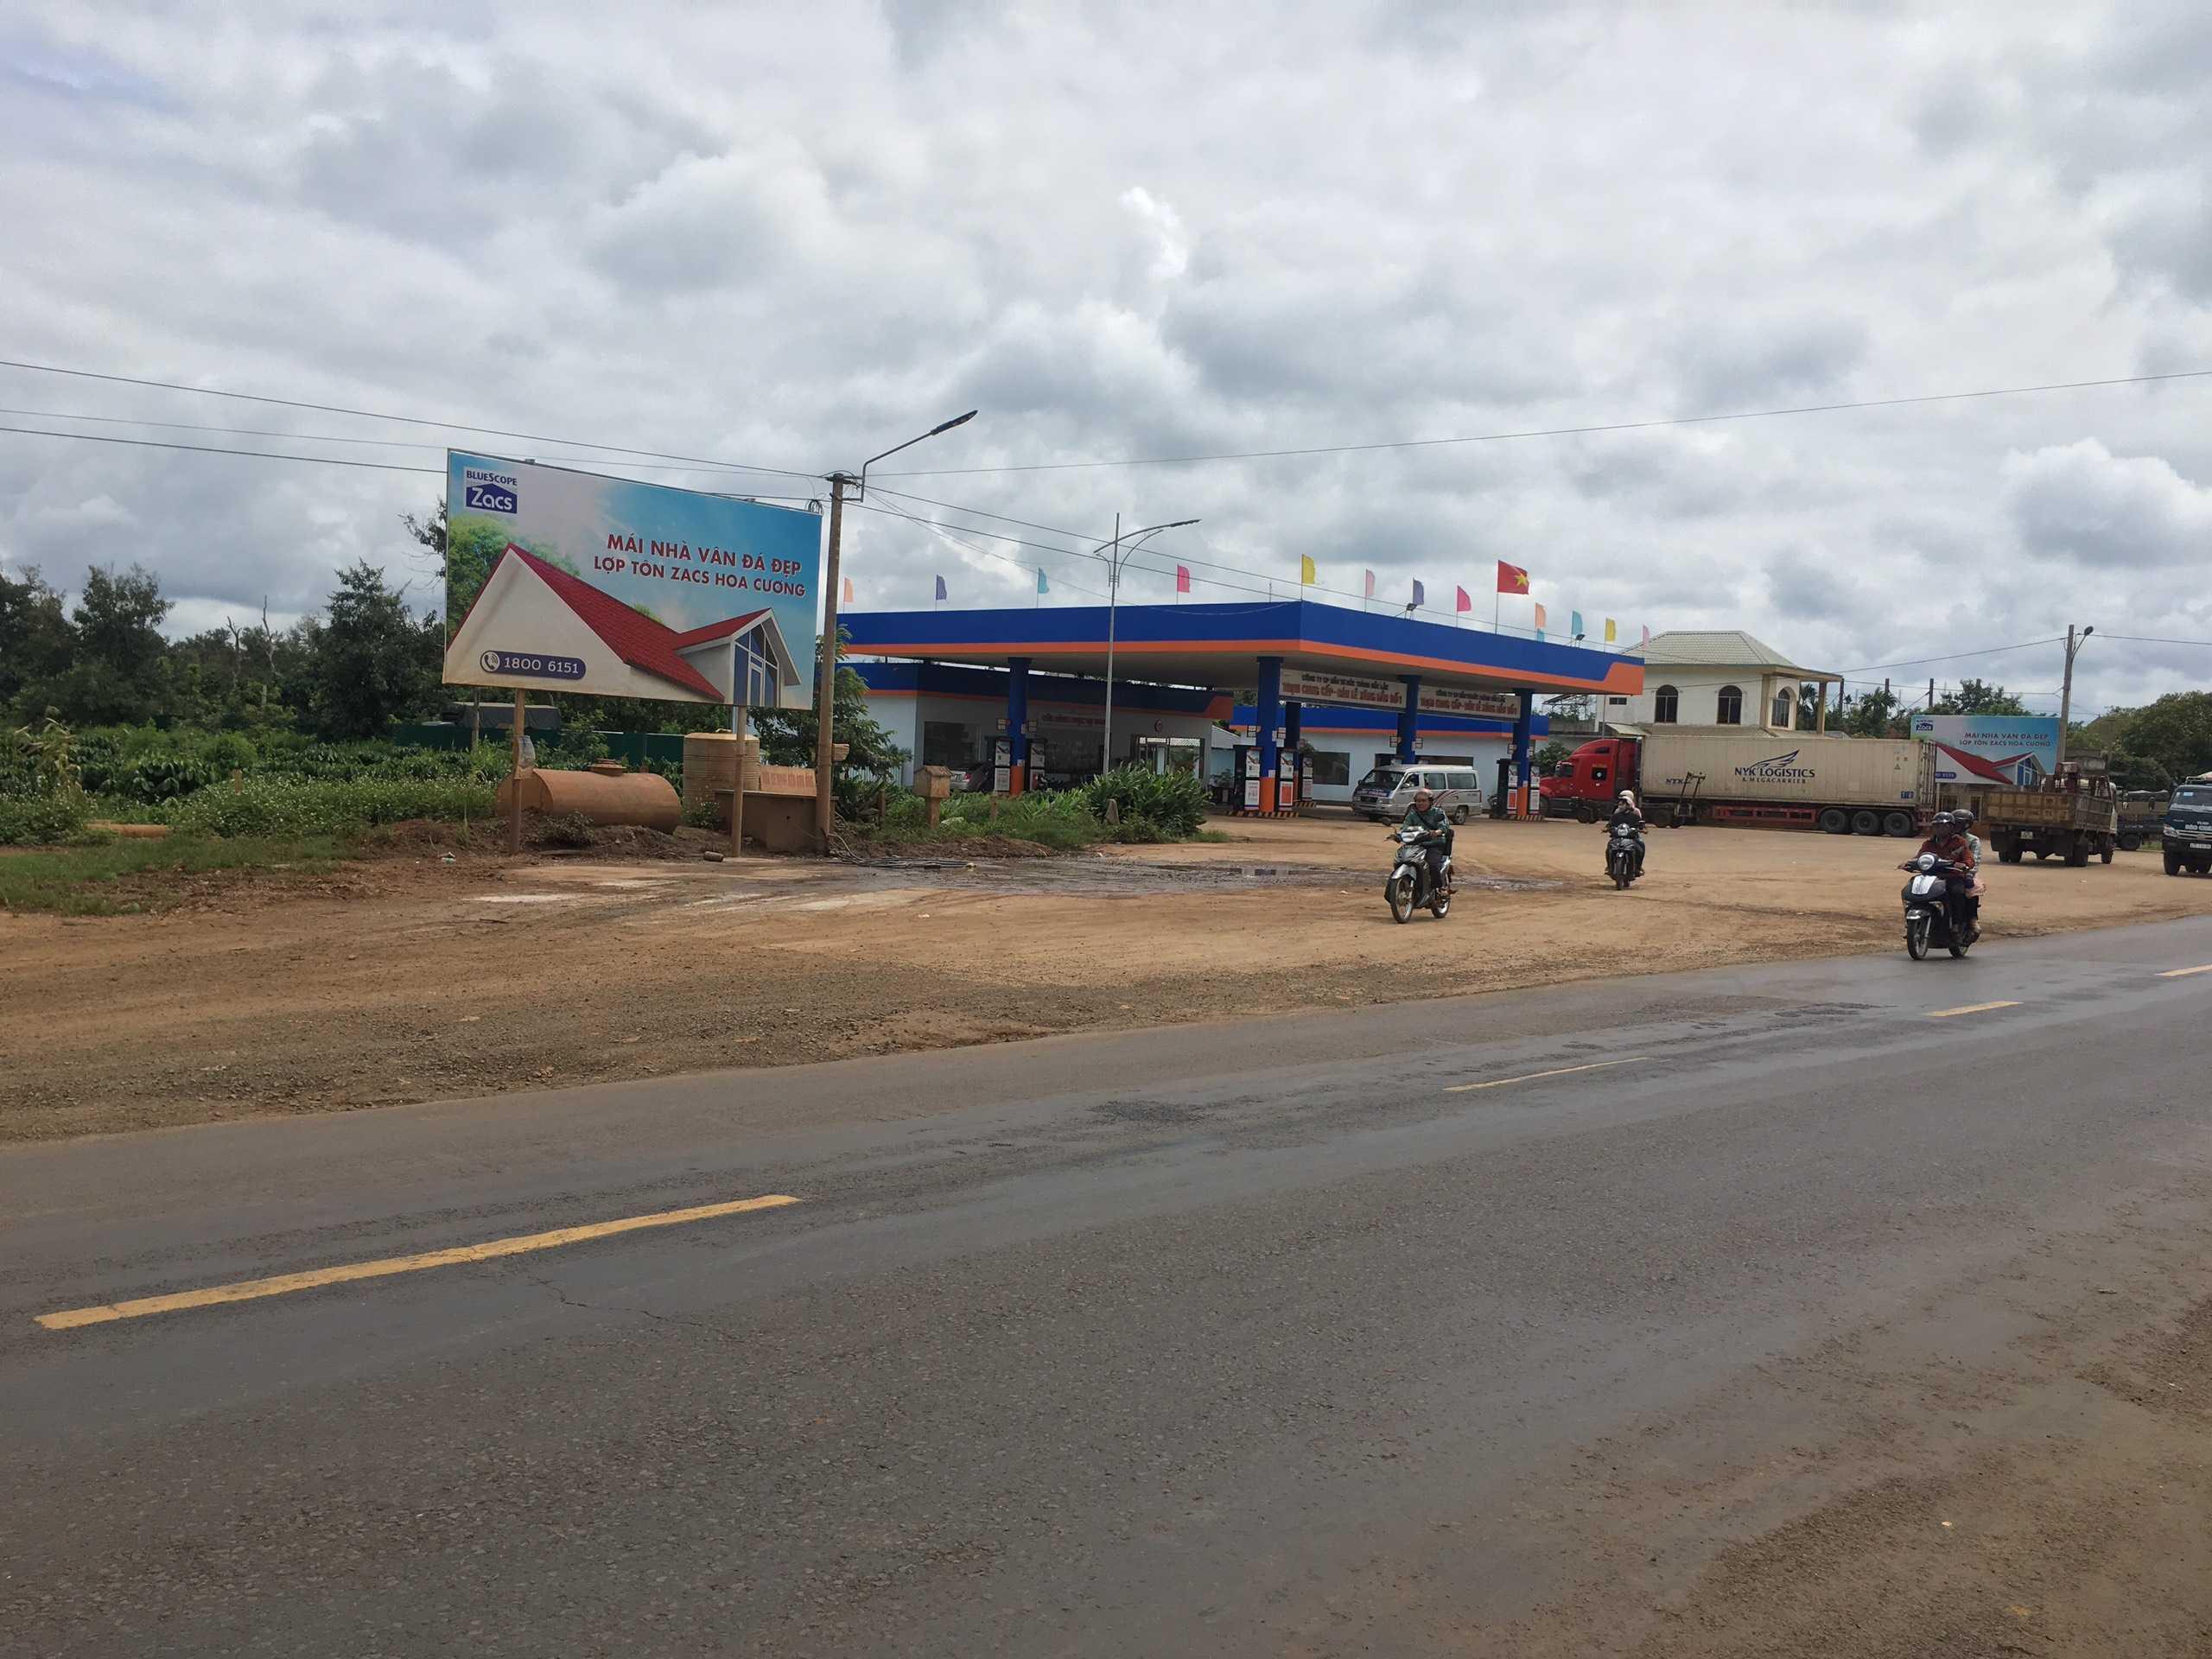 Quảng cáo CHXD Đức Thành, km 18, thị trấn Phước An, huyện Krông Pắc, Đắk Lắk - vị trí 2 biển trụ nhỏ cạnh tường rào